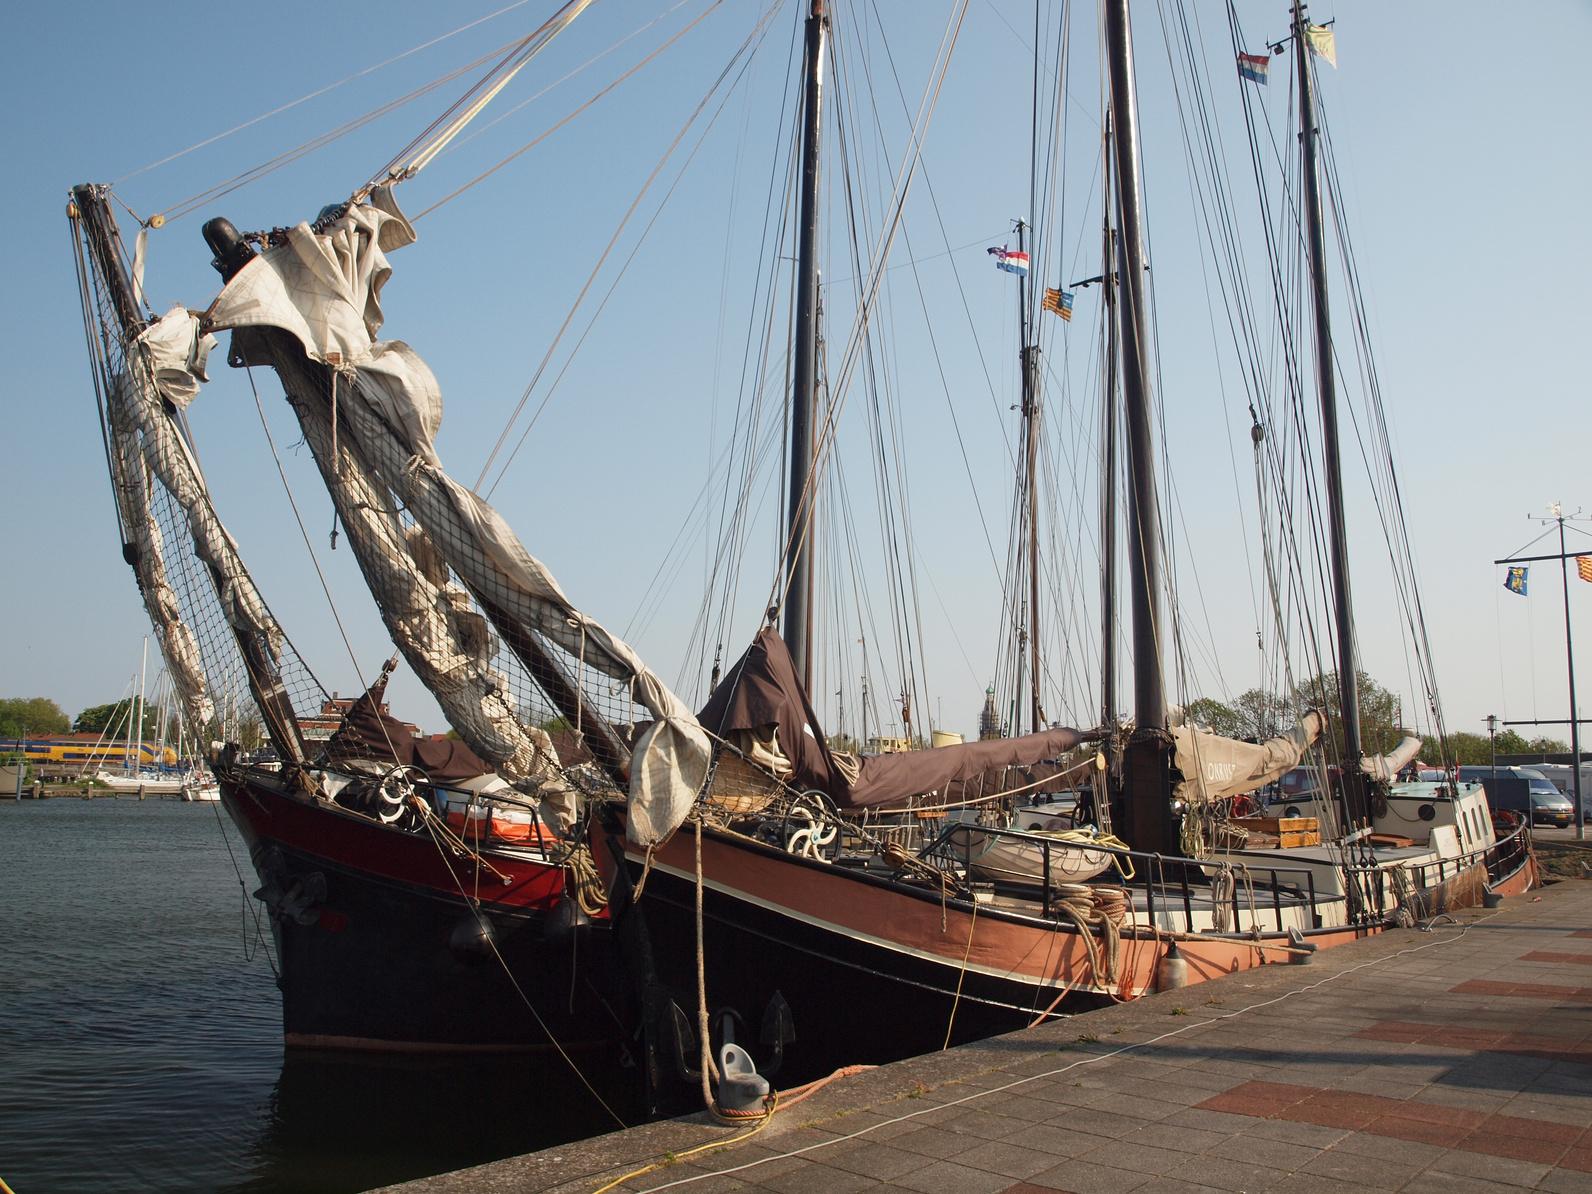 Traditionssegler an der Kaimauer - segeln fördert das Zusammengehörigkeitsgefühl der Mitarbeiter. (#02)